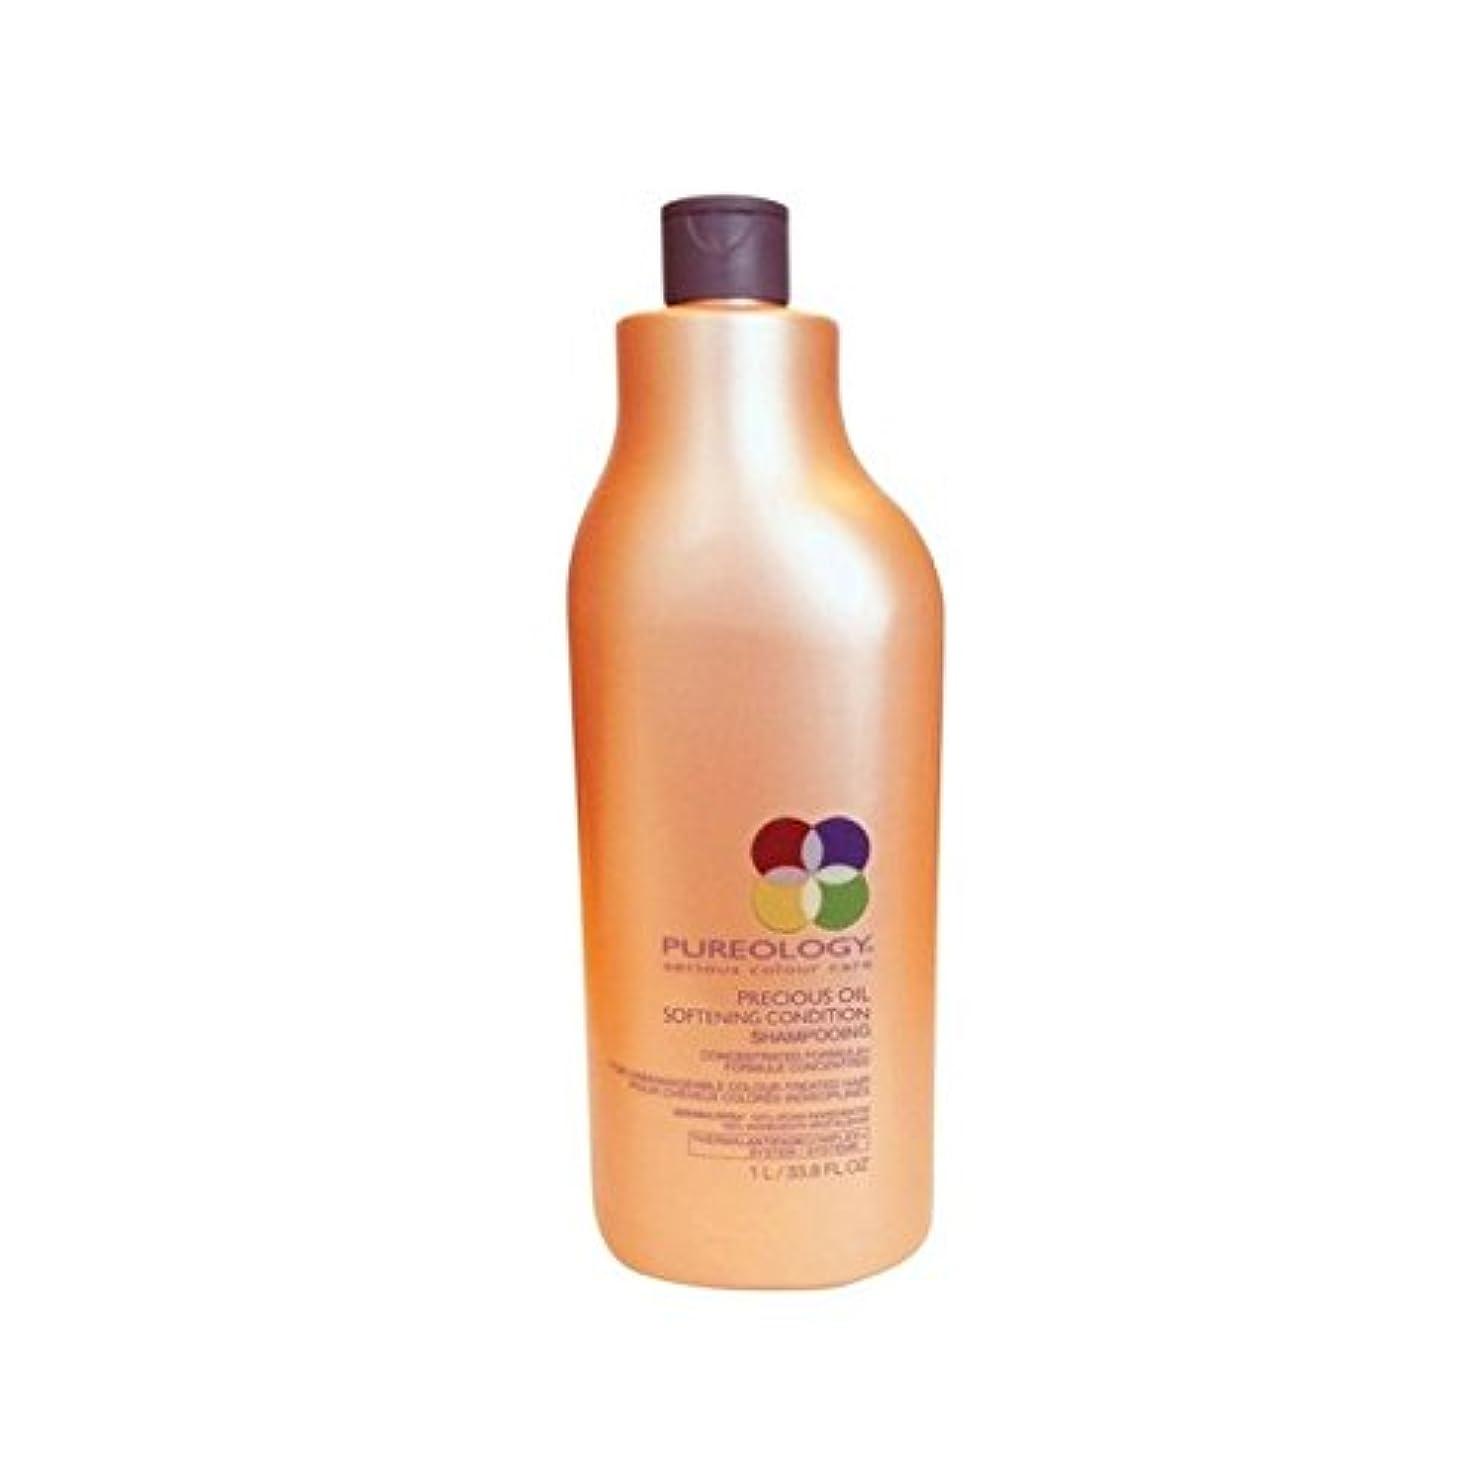 胴体質素な早める貴重なオイルコンディショナー(千ミリリットル) x2 - Pureology Precious Oil Conditioner (1000ml) (Pack of 2) [並行輸入品]